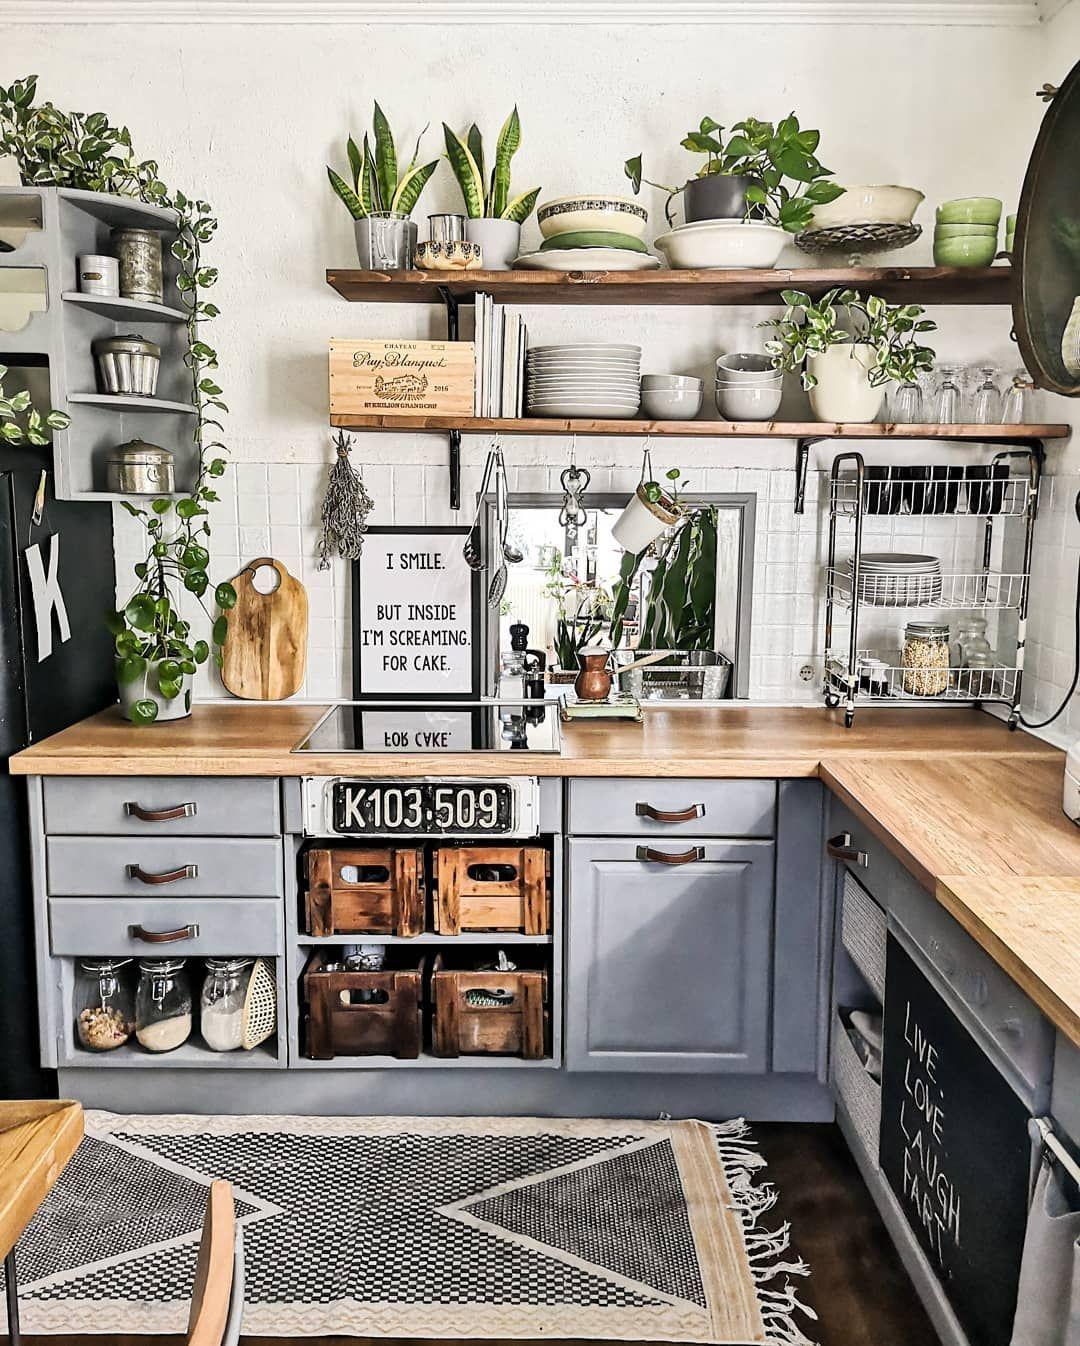 Werbung...   Haus küchen, Wohnung küche, Küche loft